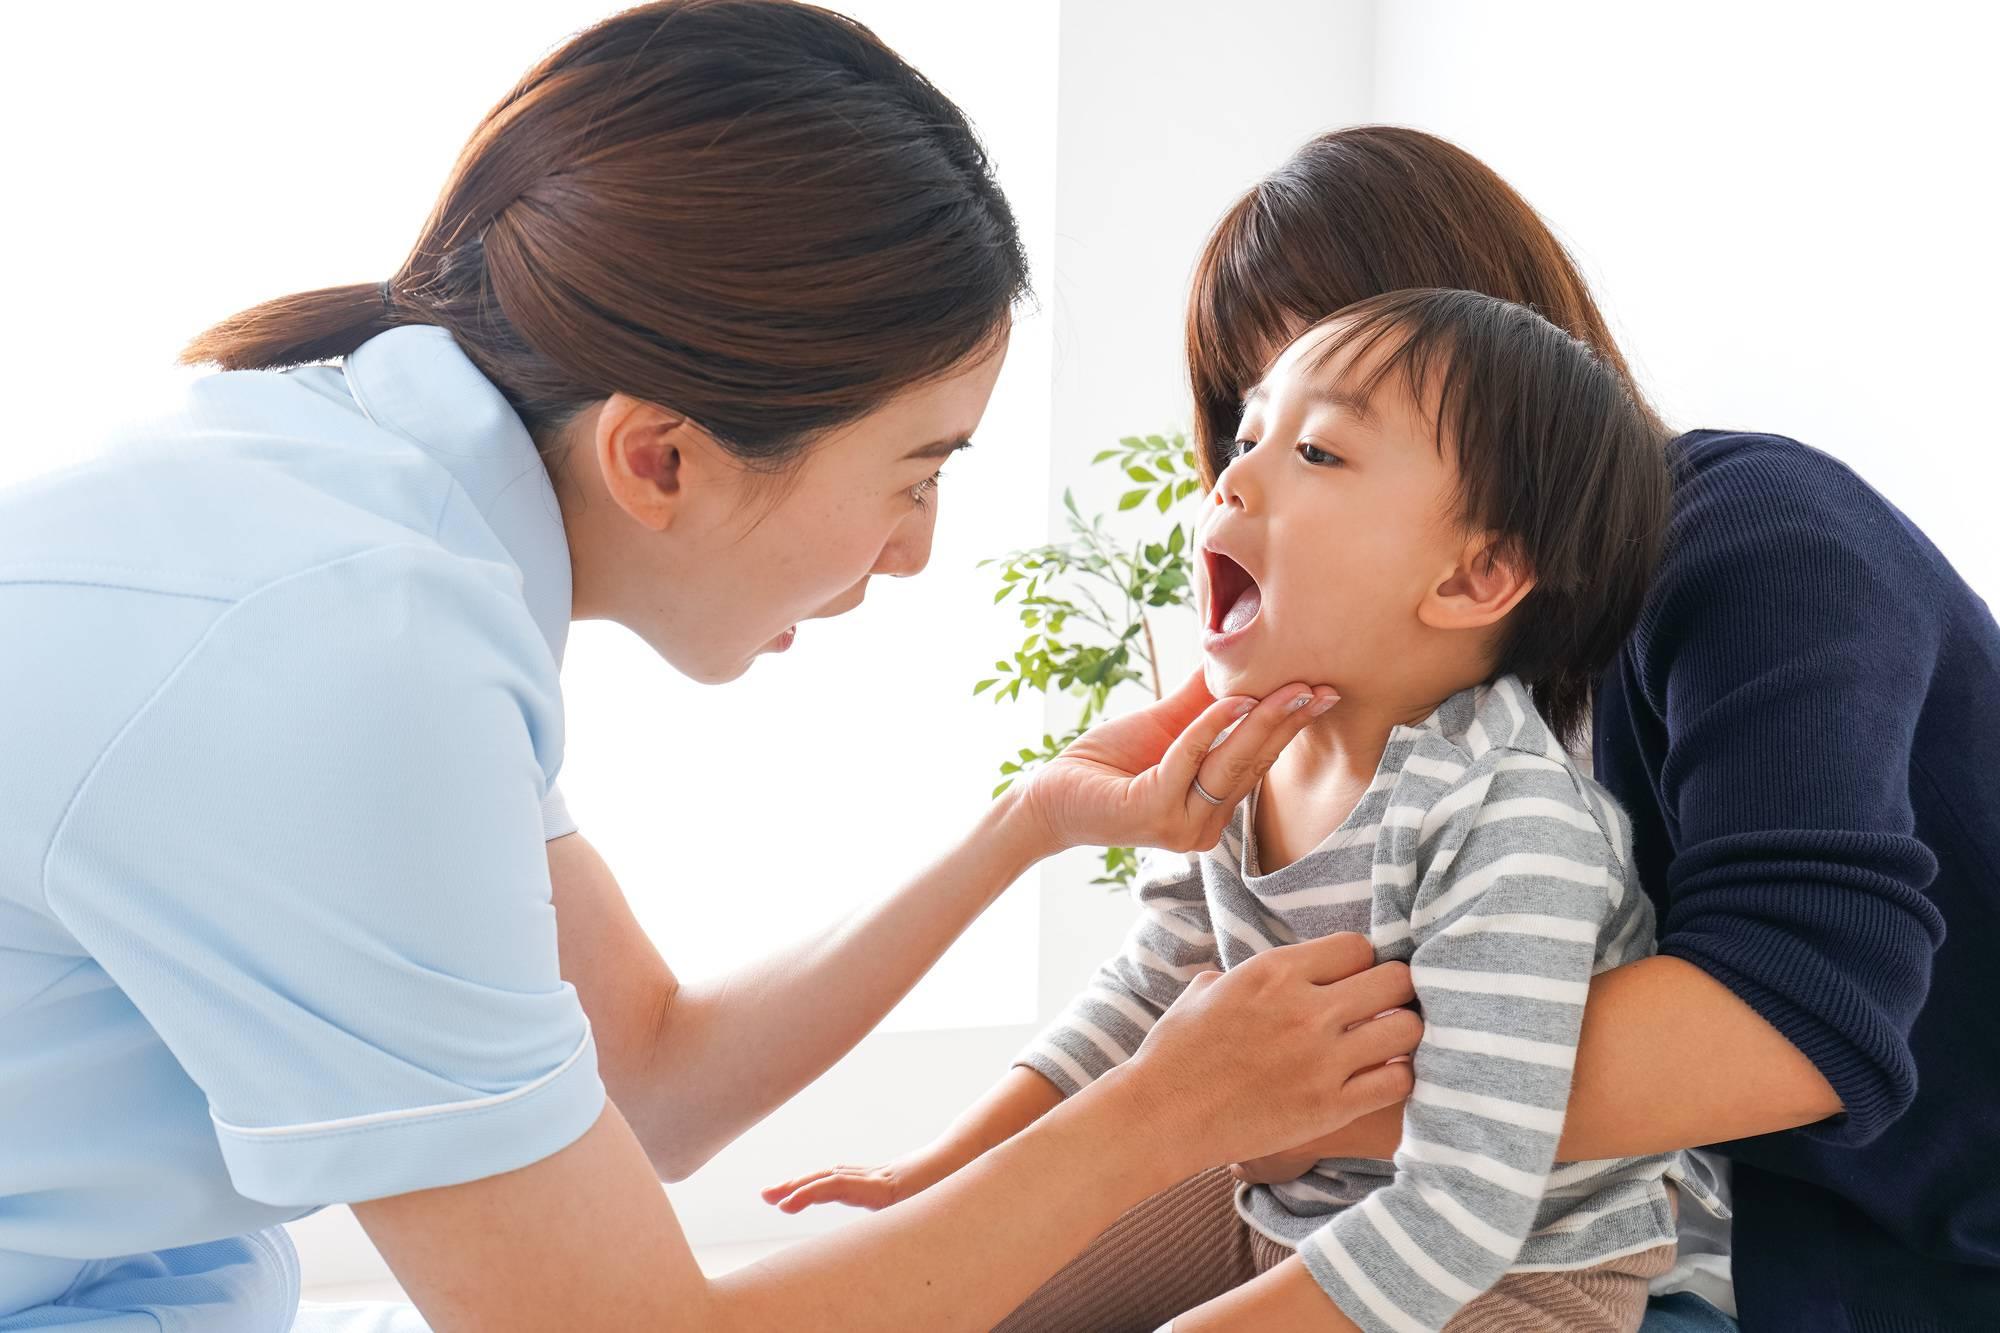 歯科衛生士に口の中を見せる子どもと母親